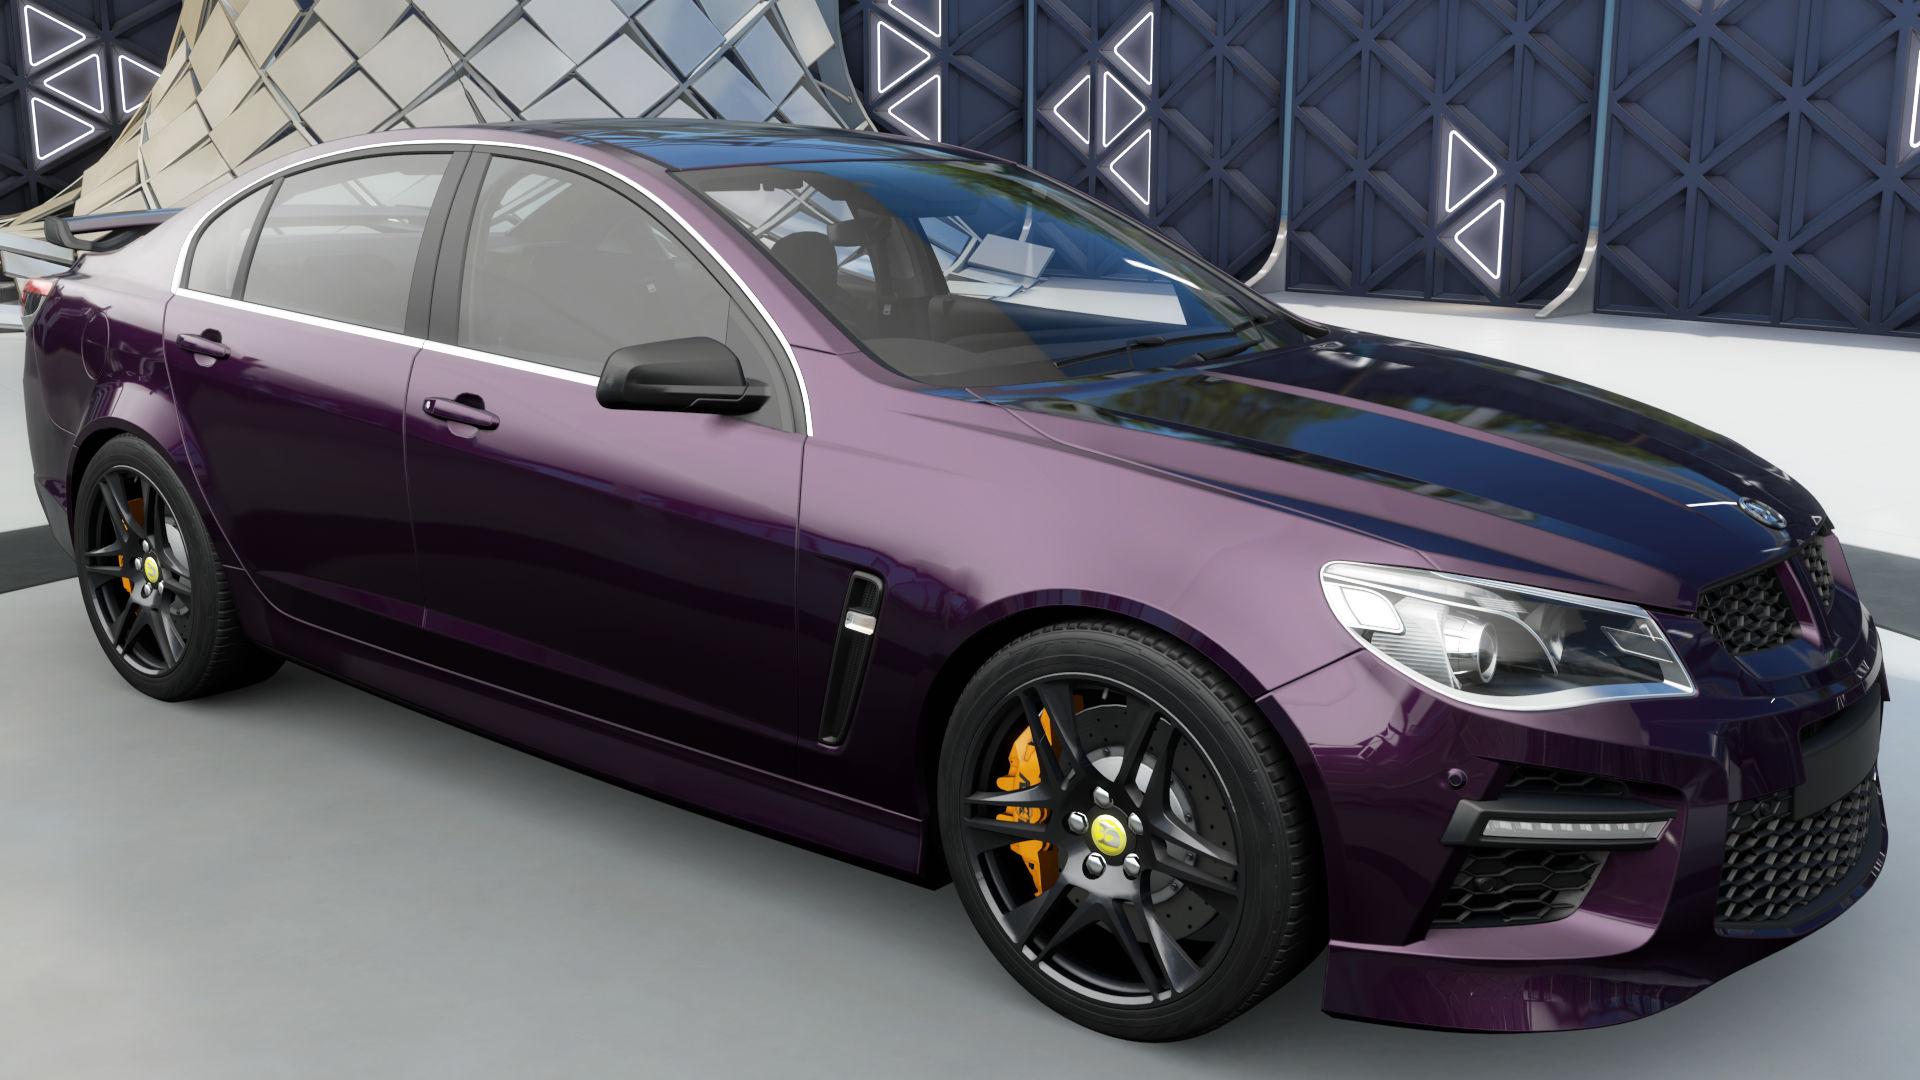 HSV Gen-F GTS | Forza Motorsport Wiki | FANDOM powered by ...